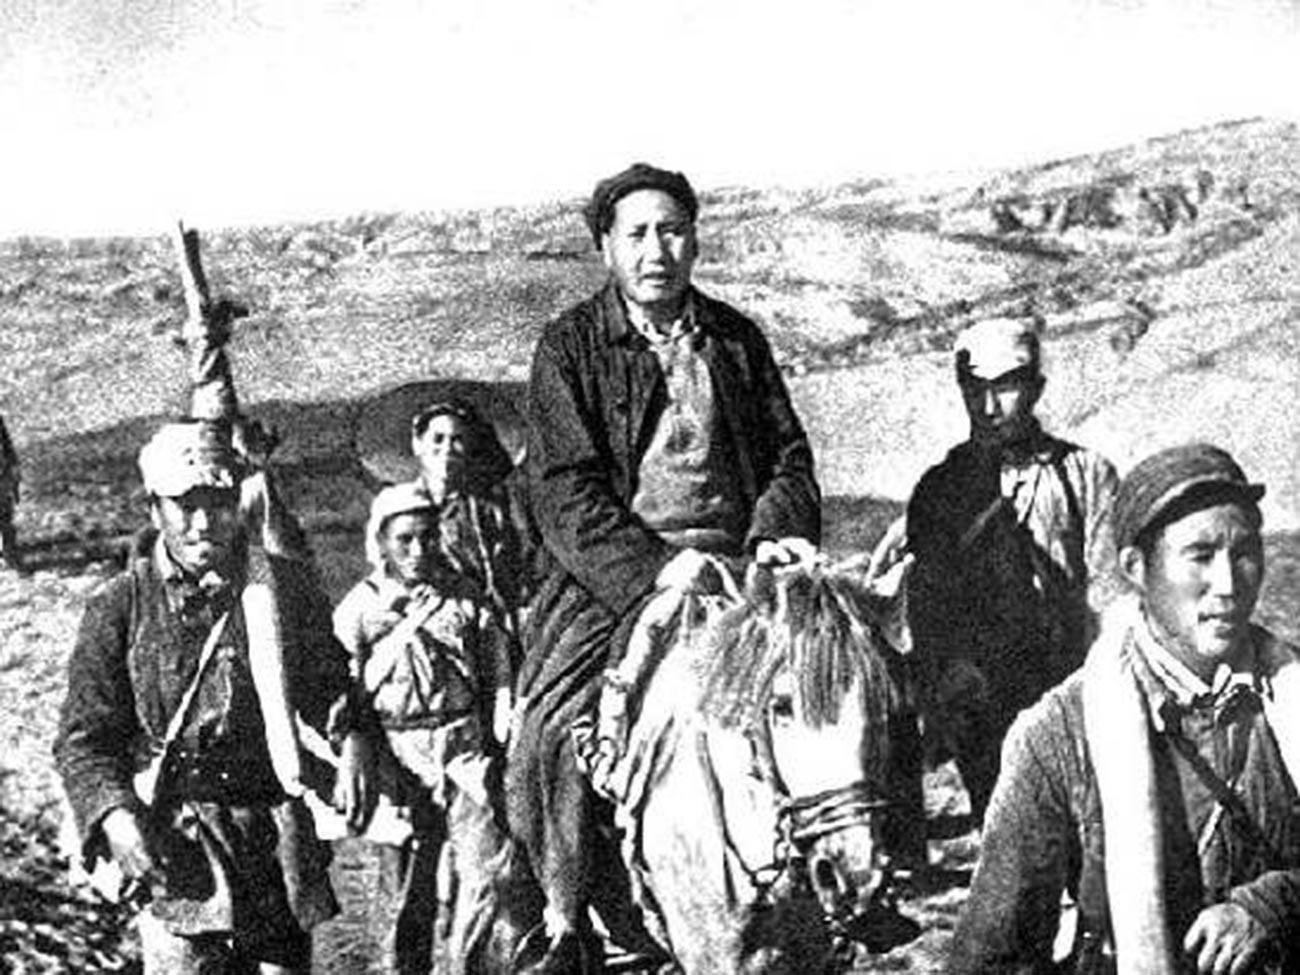 Мао Цедунг